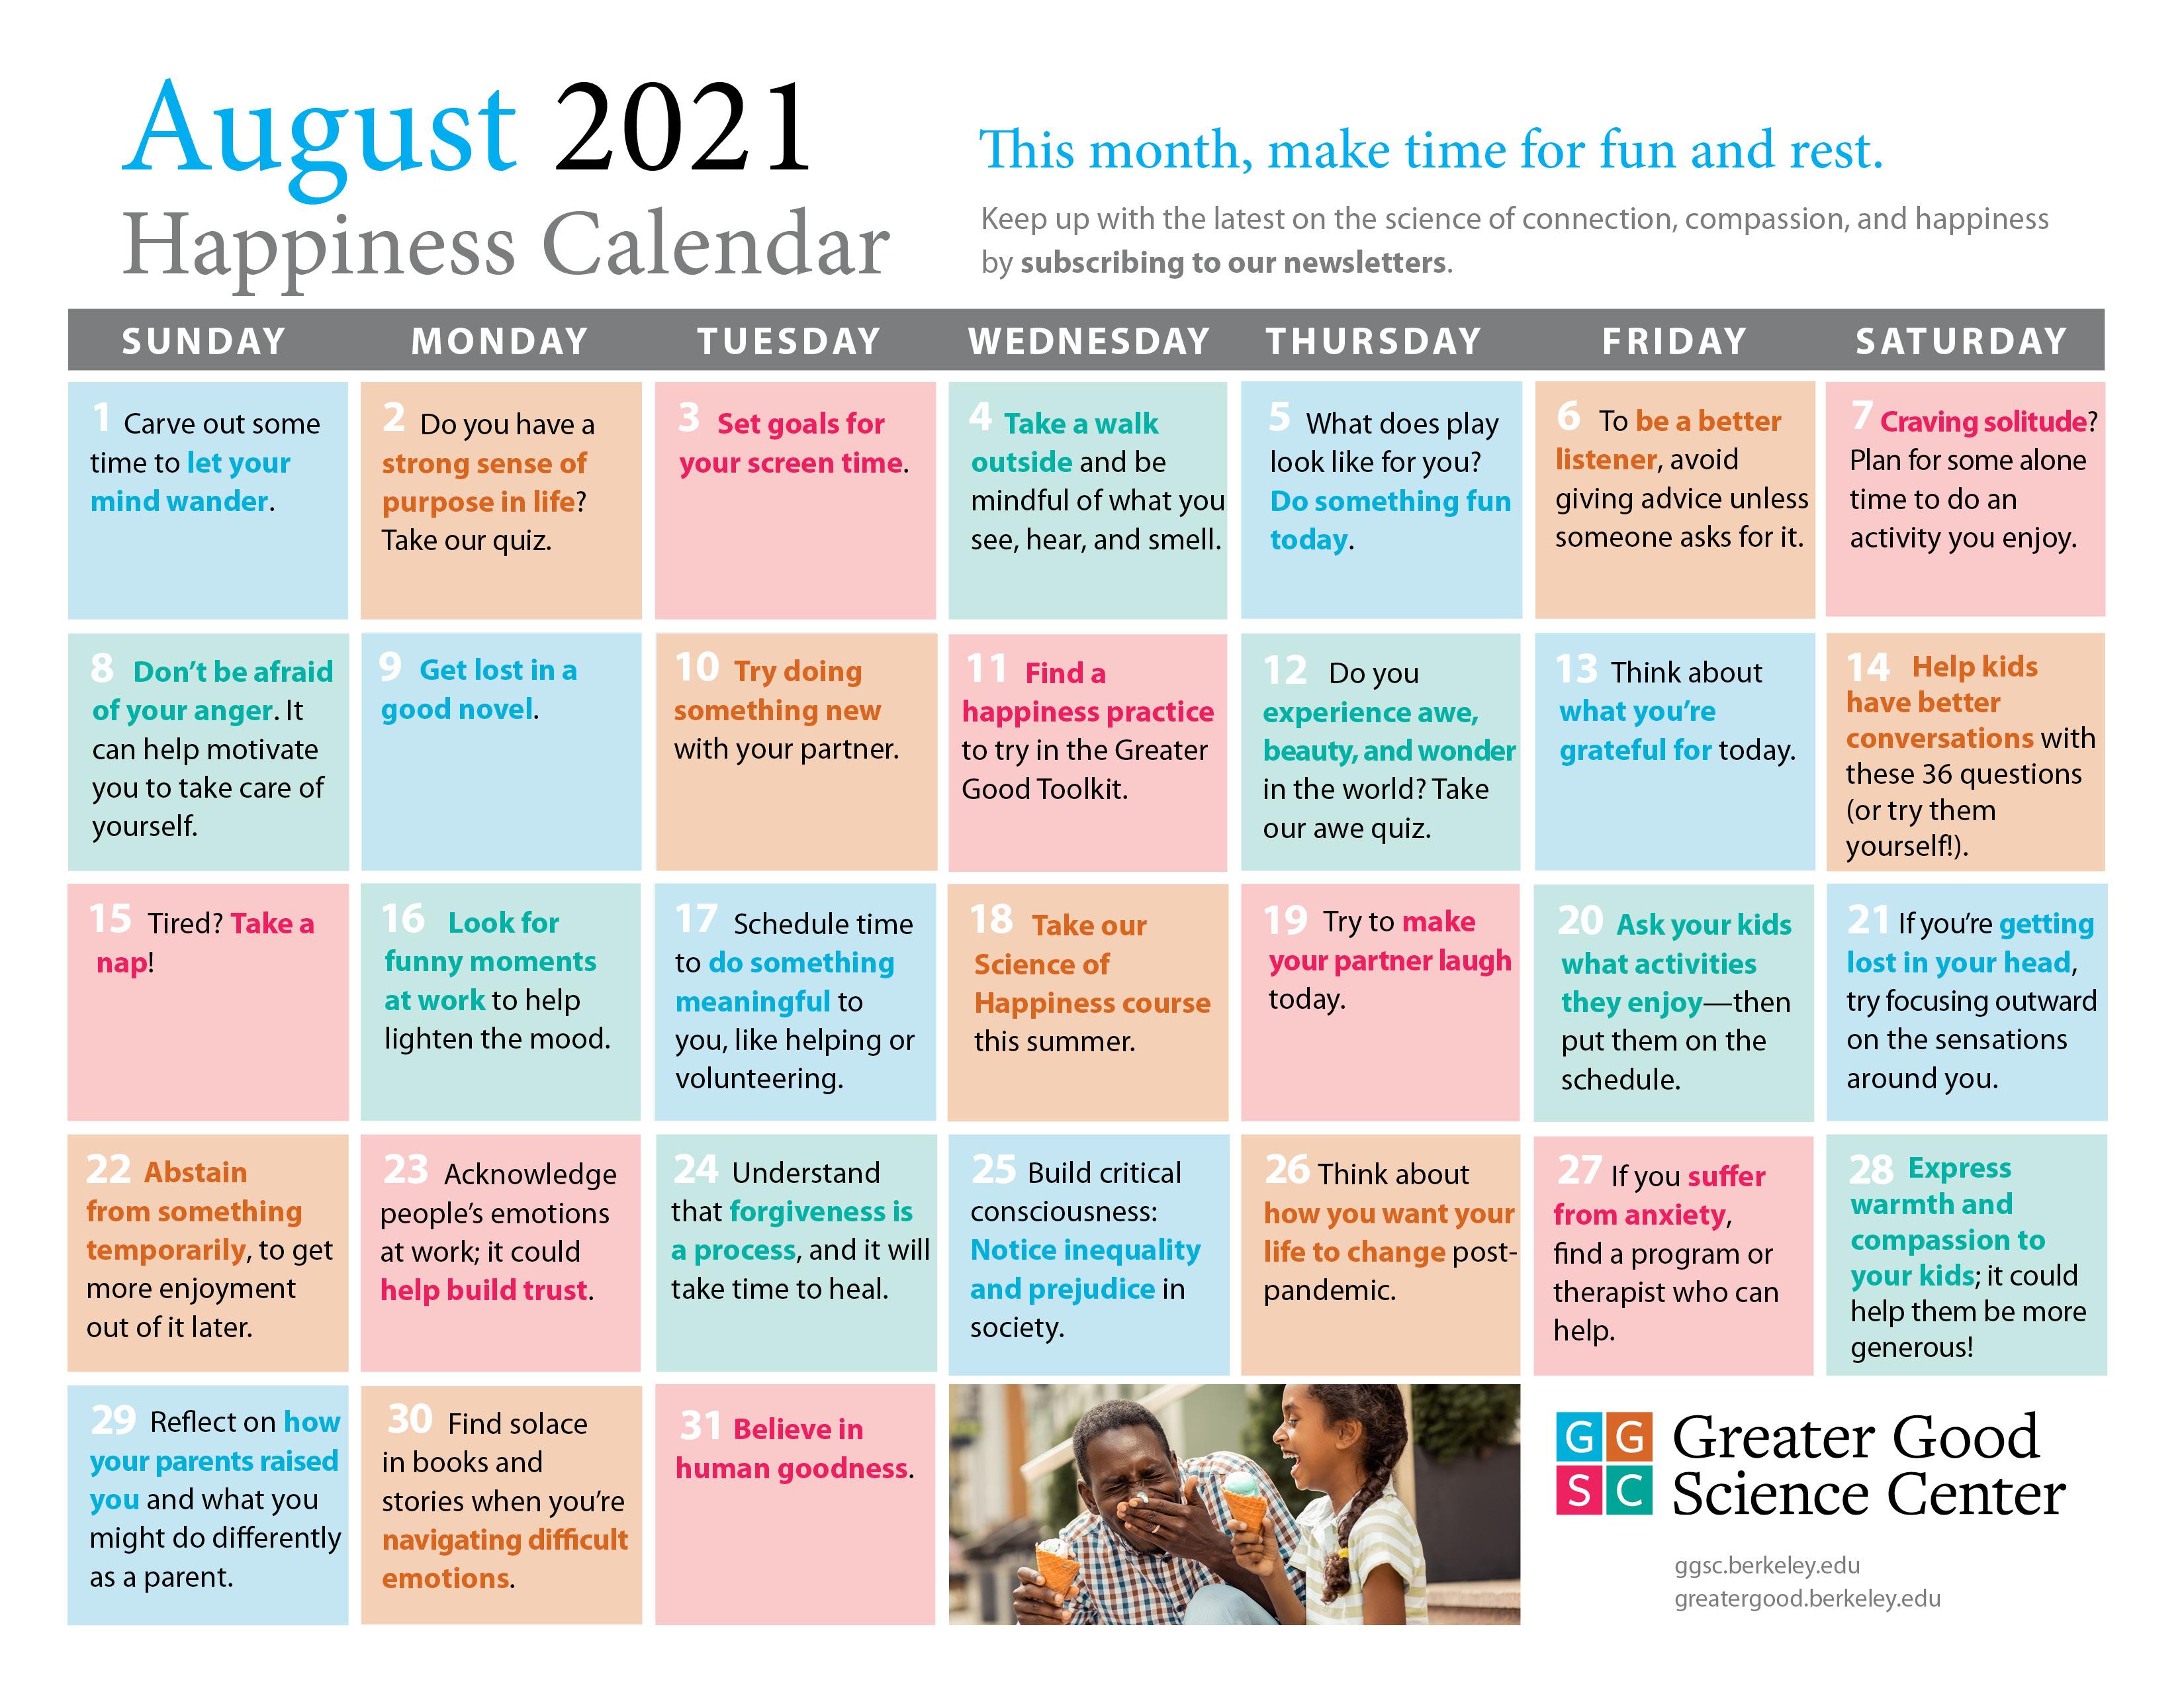 August happiness calendar